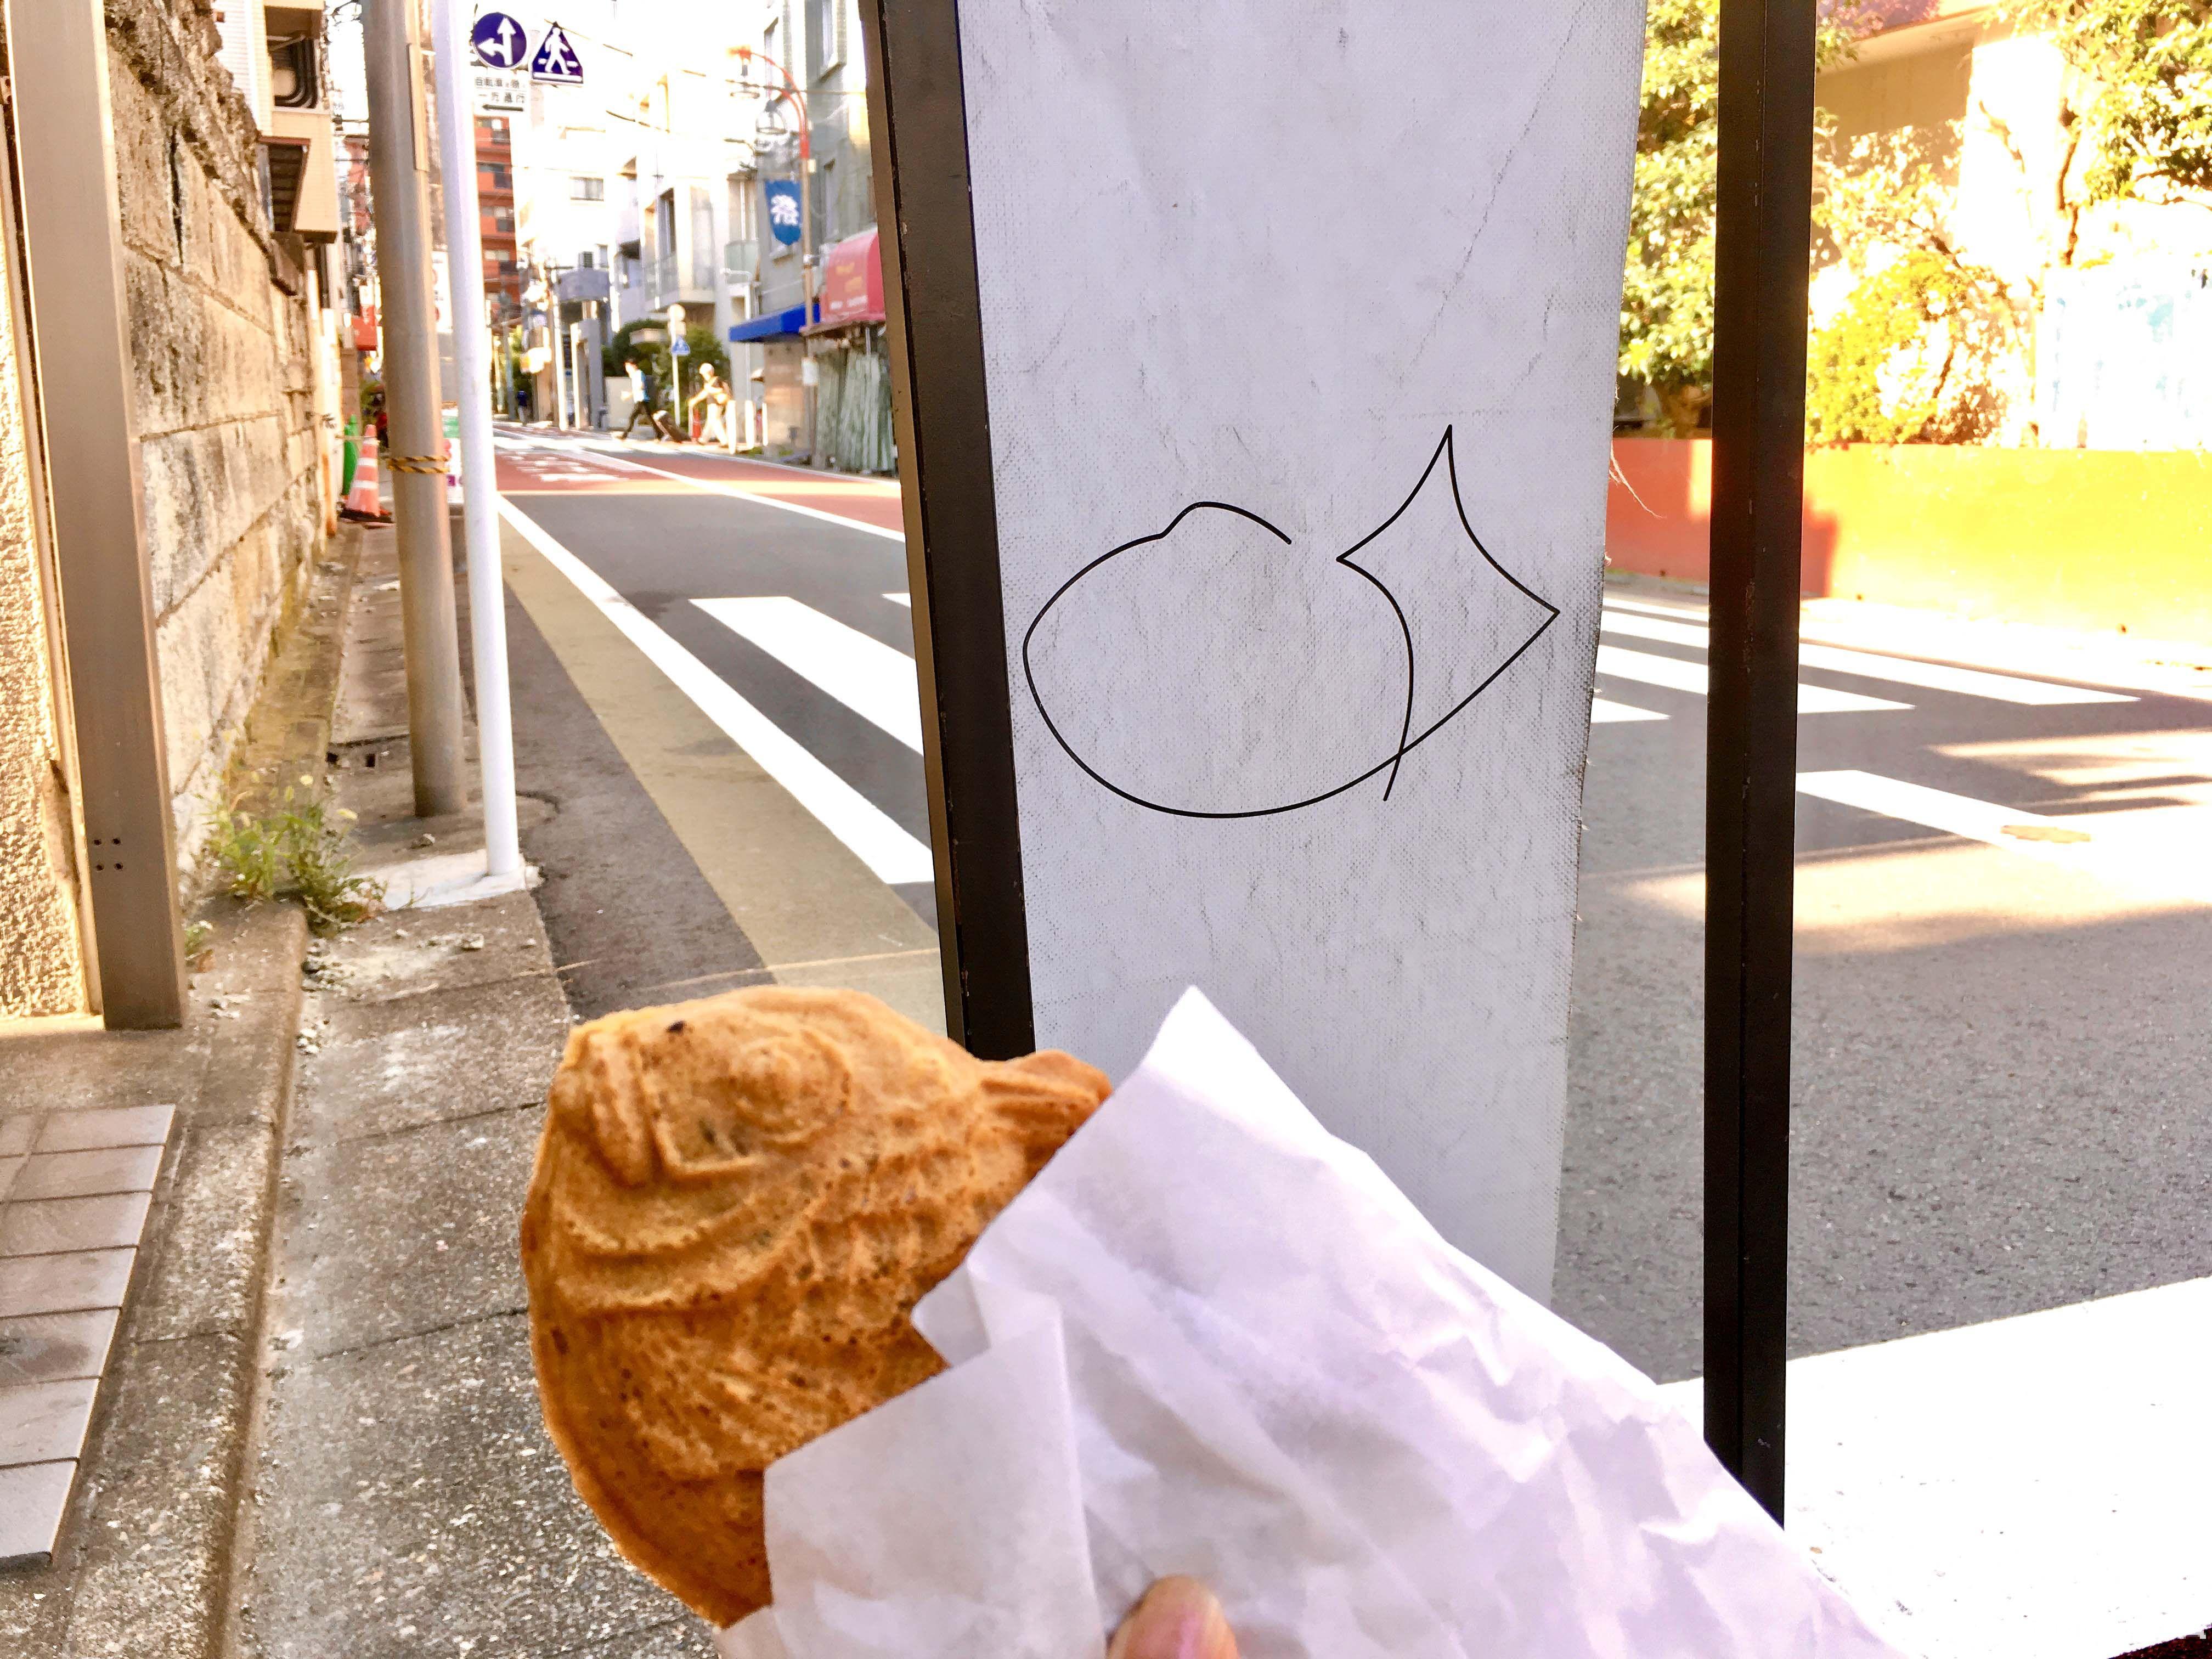 【東京】消暑又治癒的人氣刨冰店私心4選